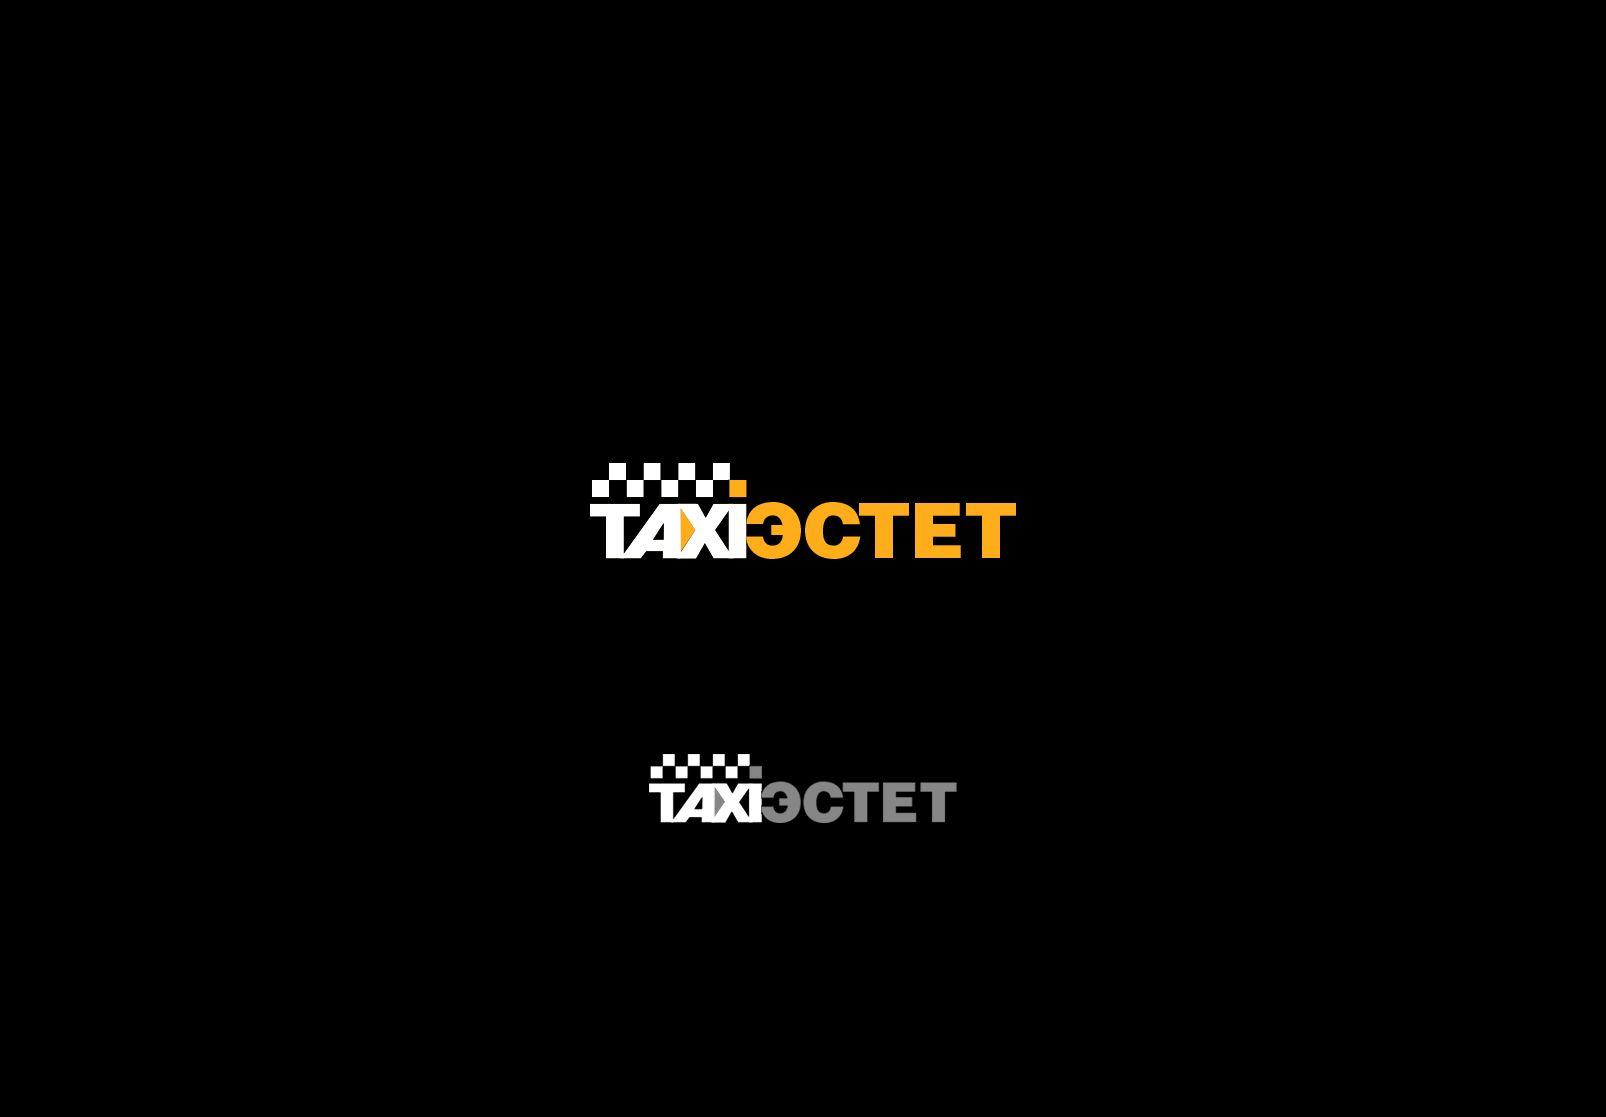 Логотип для taxi-estet.ru - дизайнер dron55